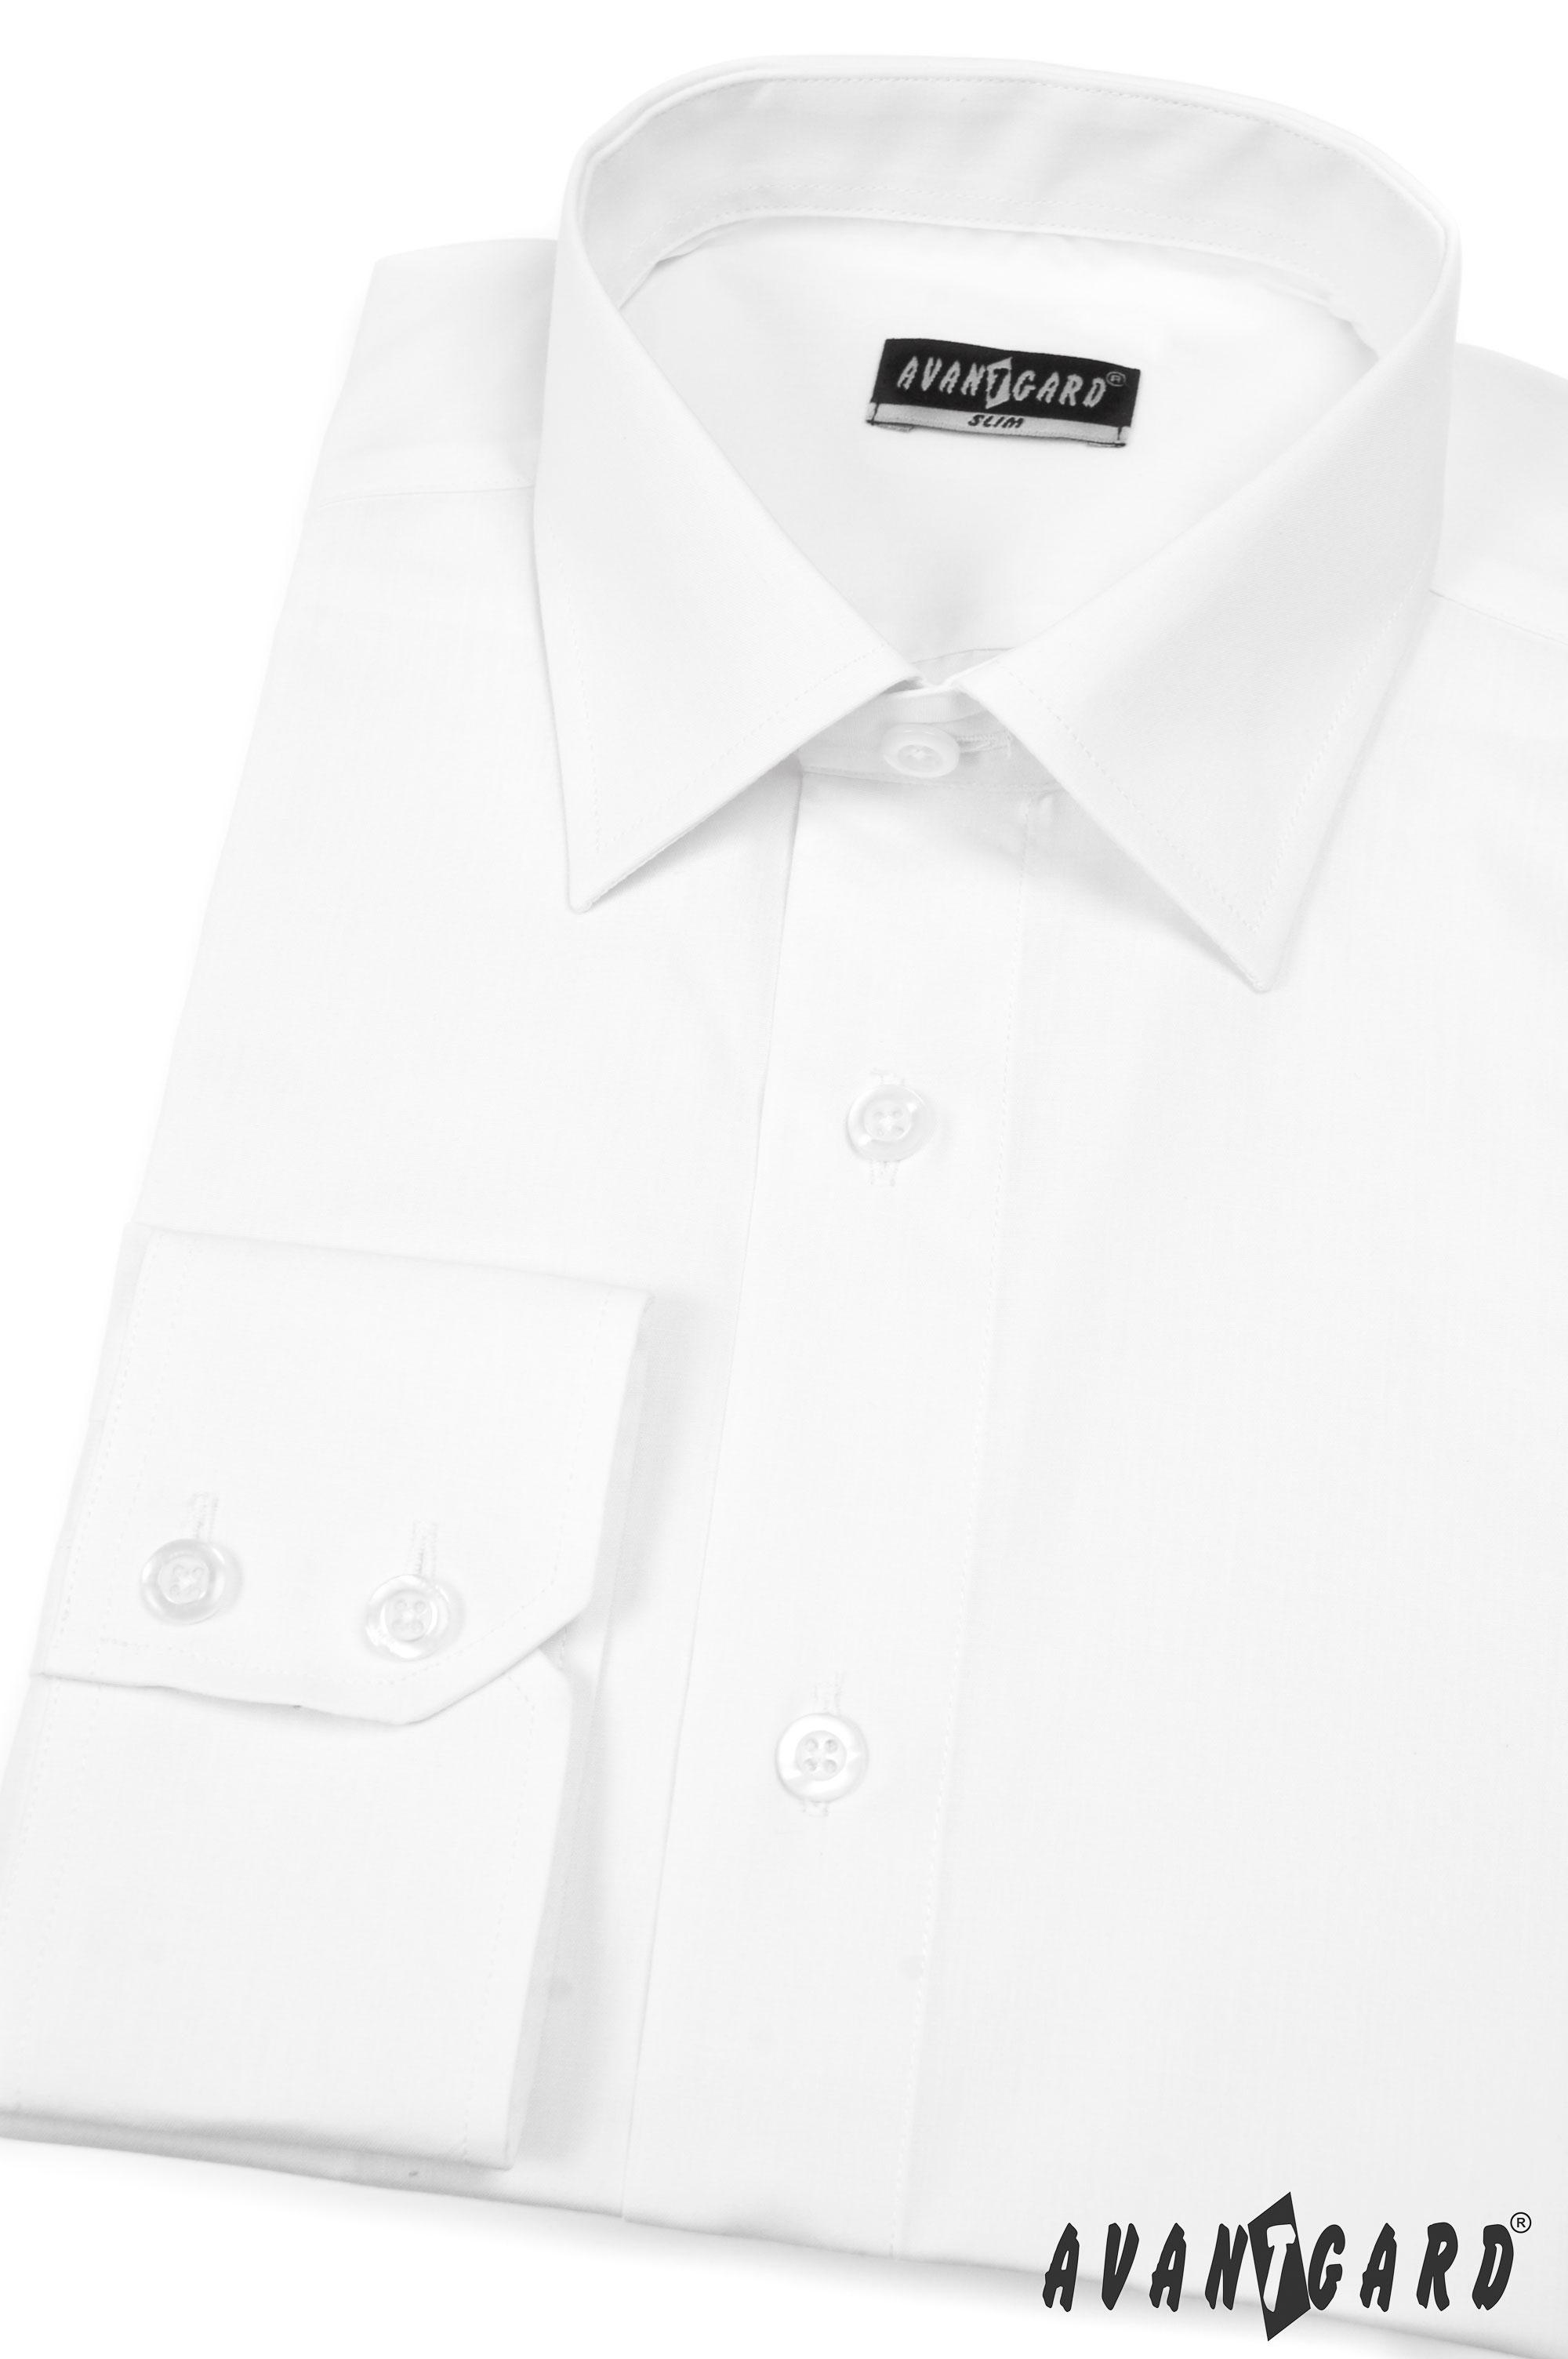 d5d1f761a8f Avantgard pánská košile SLIM dl. rukáv 114-1 barva bílá